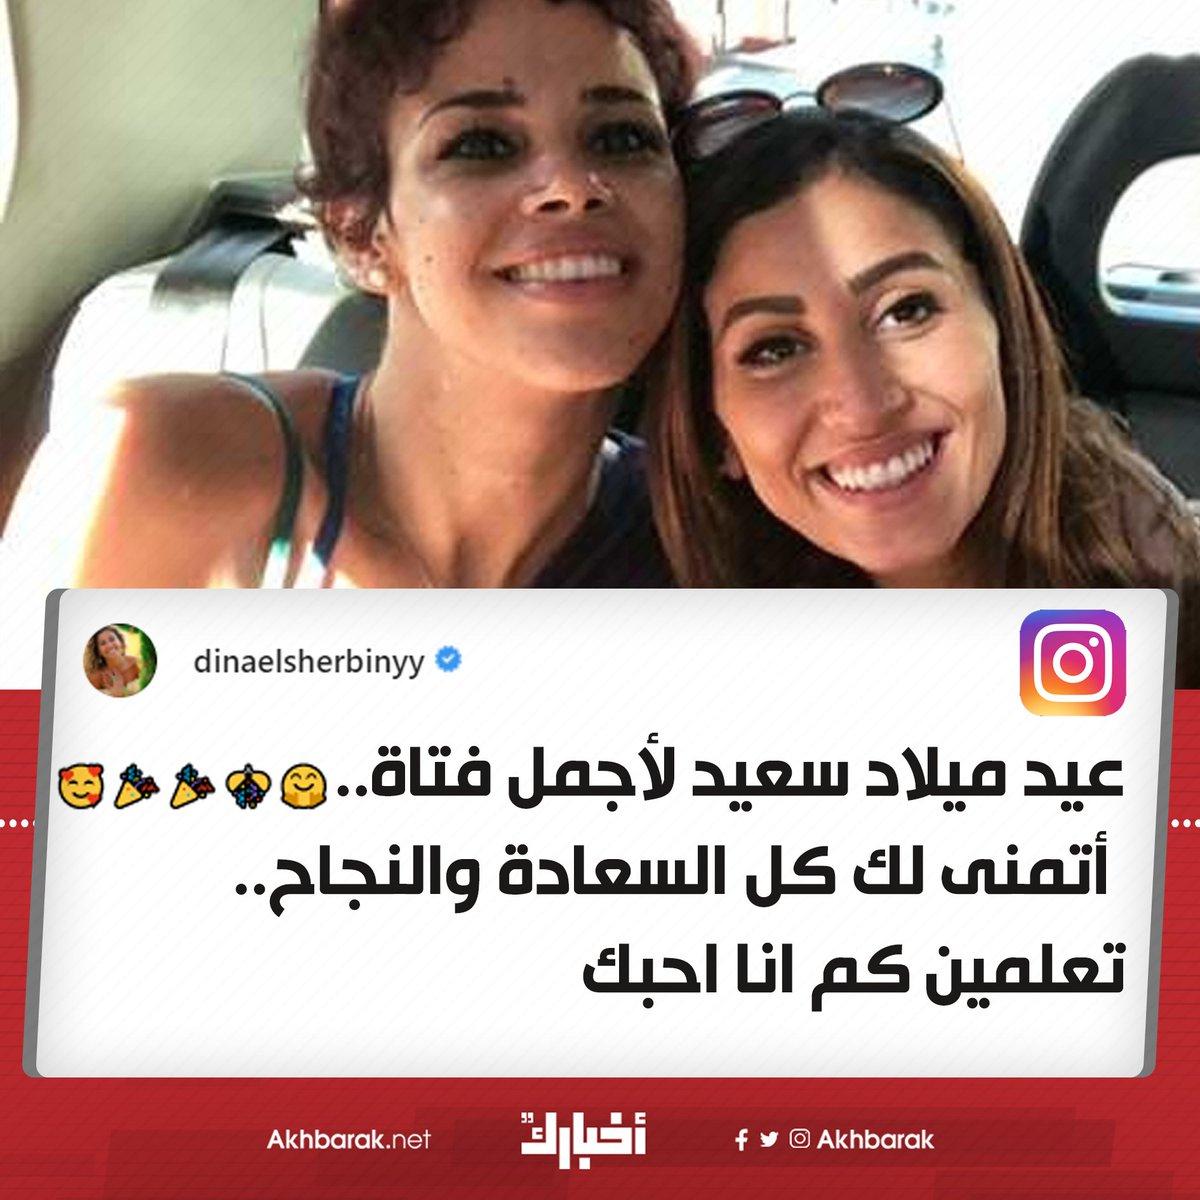 دينا الشربيني تهنئ نور عمرو دياب بعيد ميلادها.. عيد ميلاد سعيد لأجمل فتاة